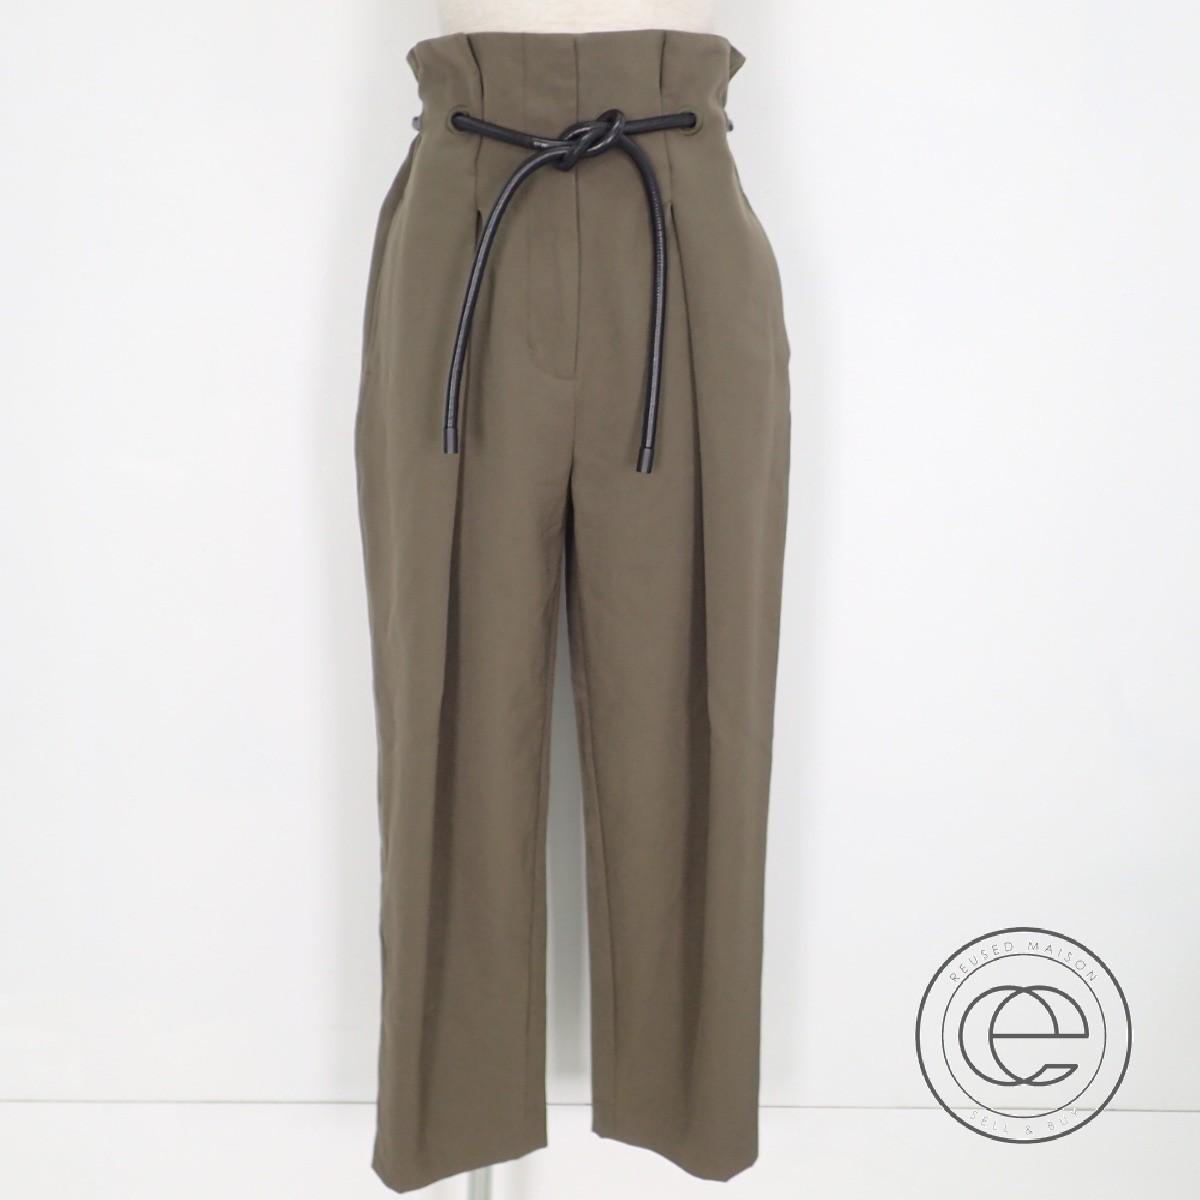 3.1 Phillip Lim 3.1フィリップリム F1615103WGB origami pleat trousers 折り紙 プリーツ レザーベルト付 クロップドパンツ/ボトムス2 カーキ レディース 【中古】